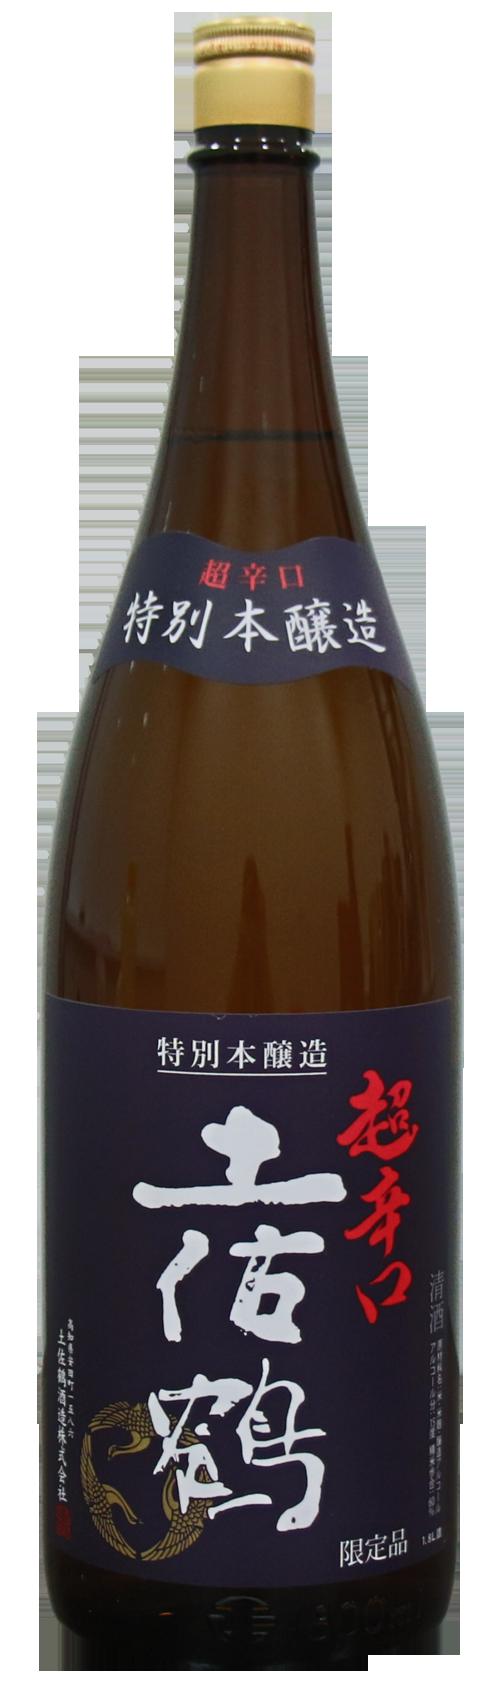 Tosatsuru Cho Karakuchi Tokubetsu Honjyozo Sake